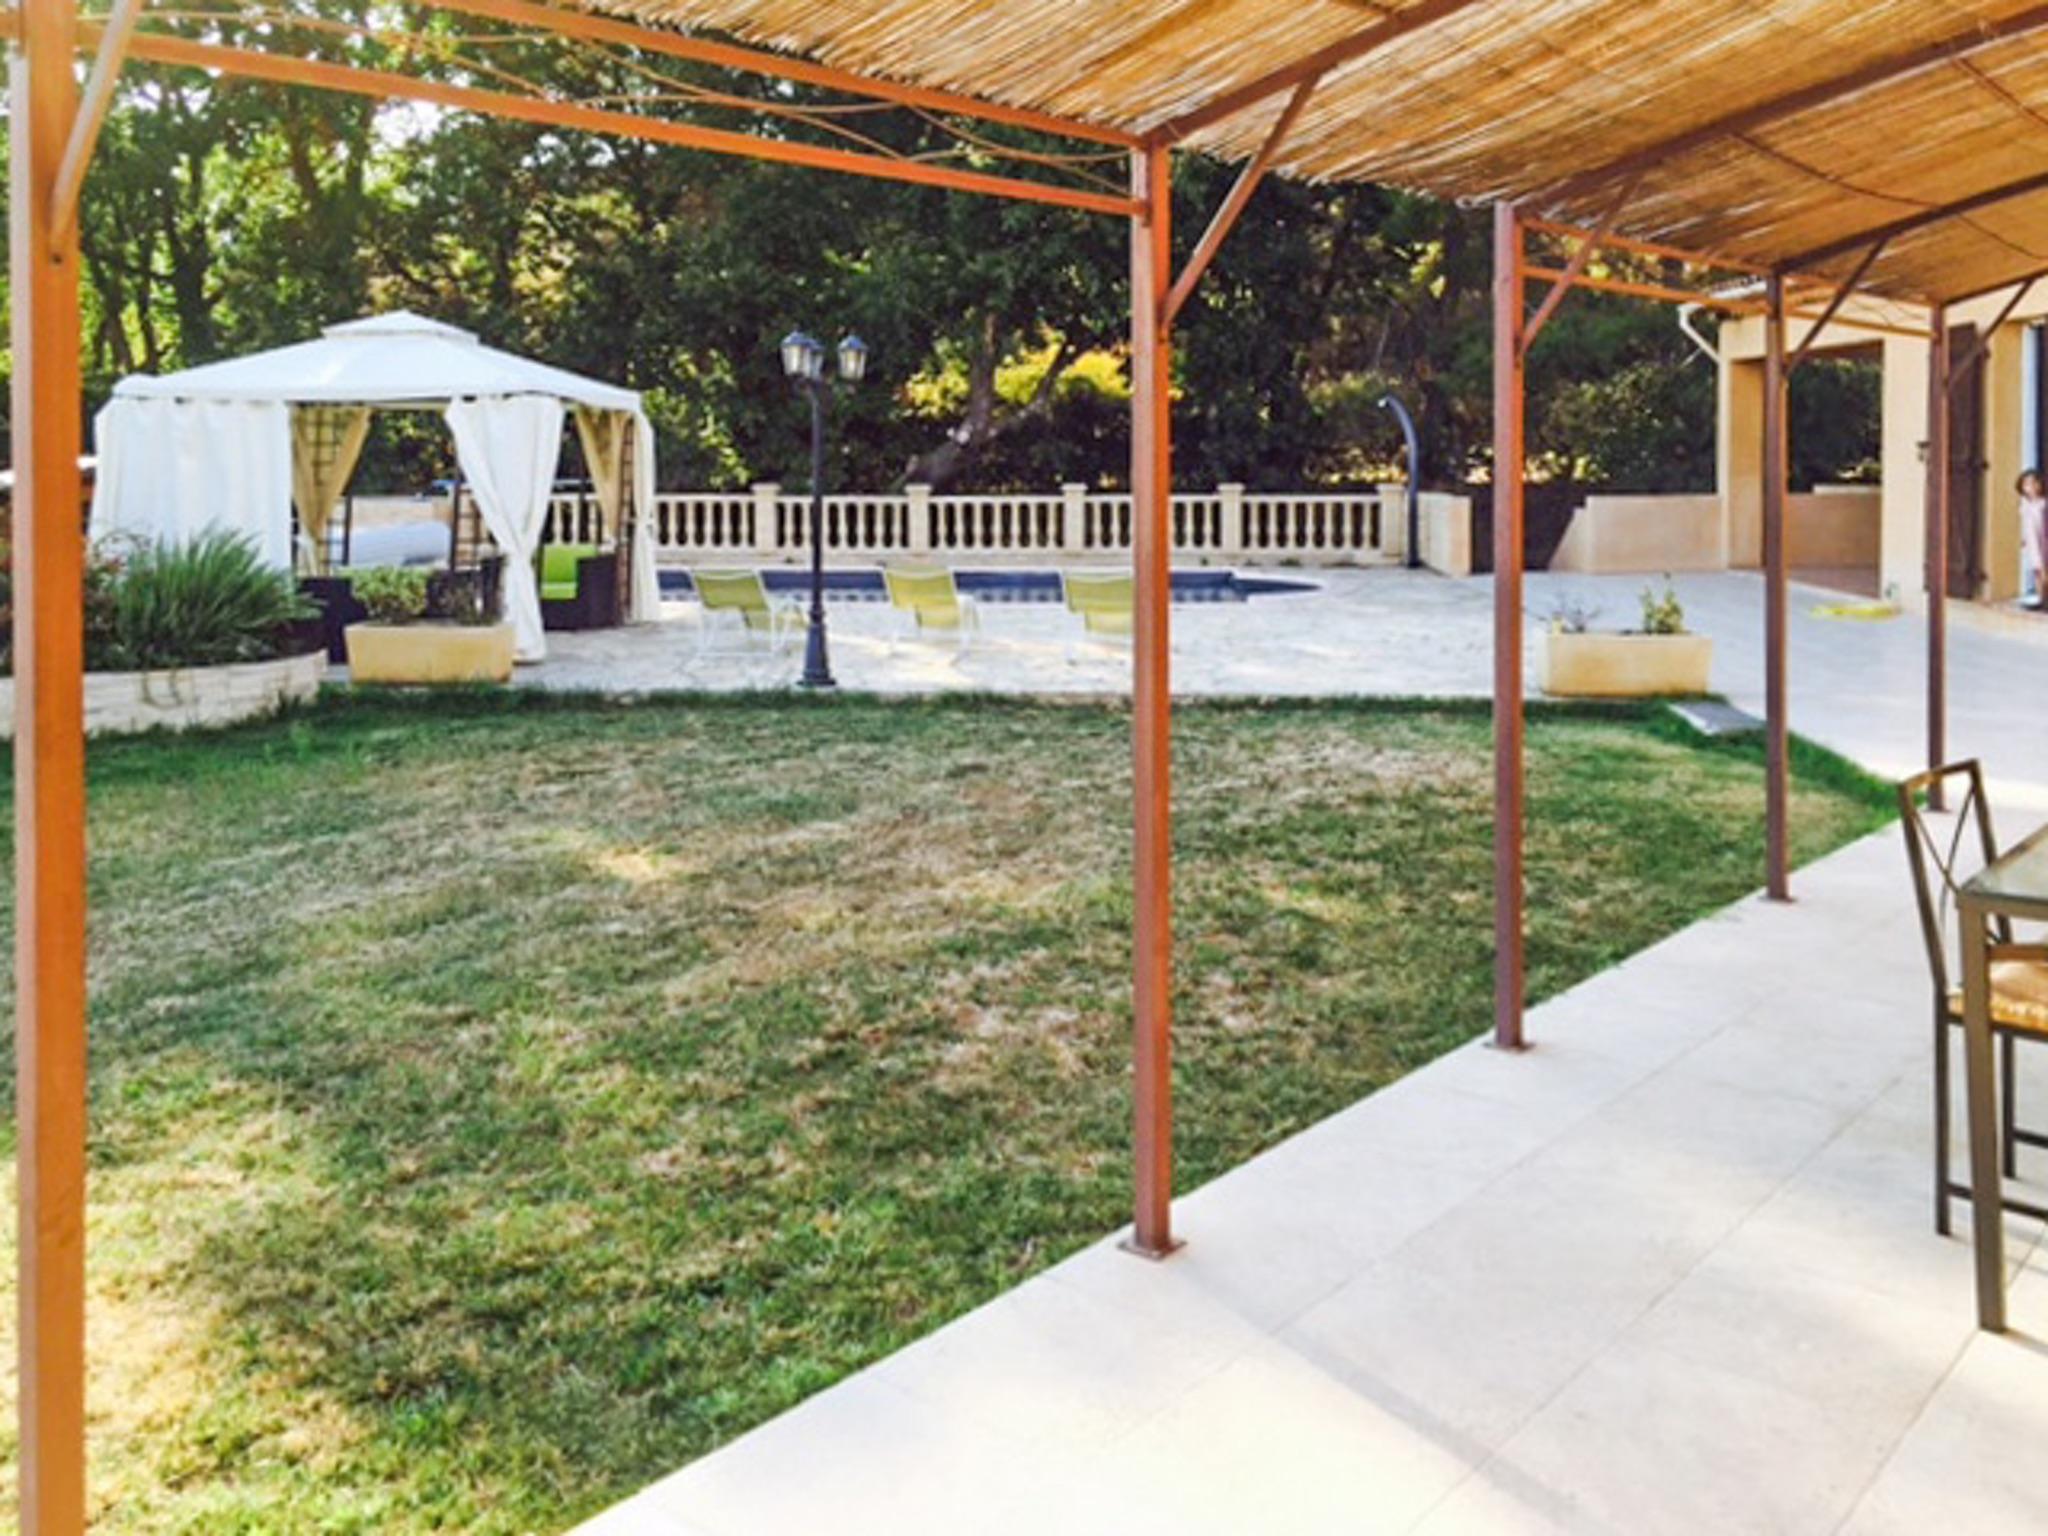 Ferienhaus Haus mit drei Schlafzimmern, Pool, Garten und Terrasse in der Luberon (2201928), Pertuis, Vaucluse, Provence - Alpen - Côte d'Azur, Frankreich, Bild 31